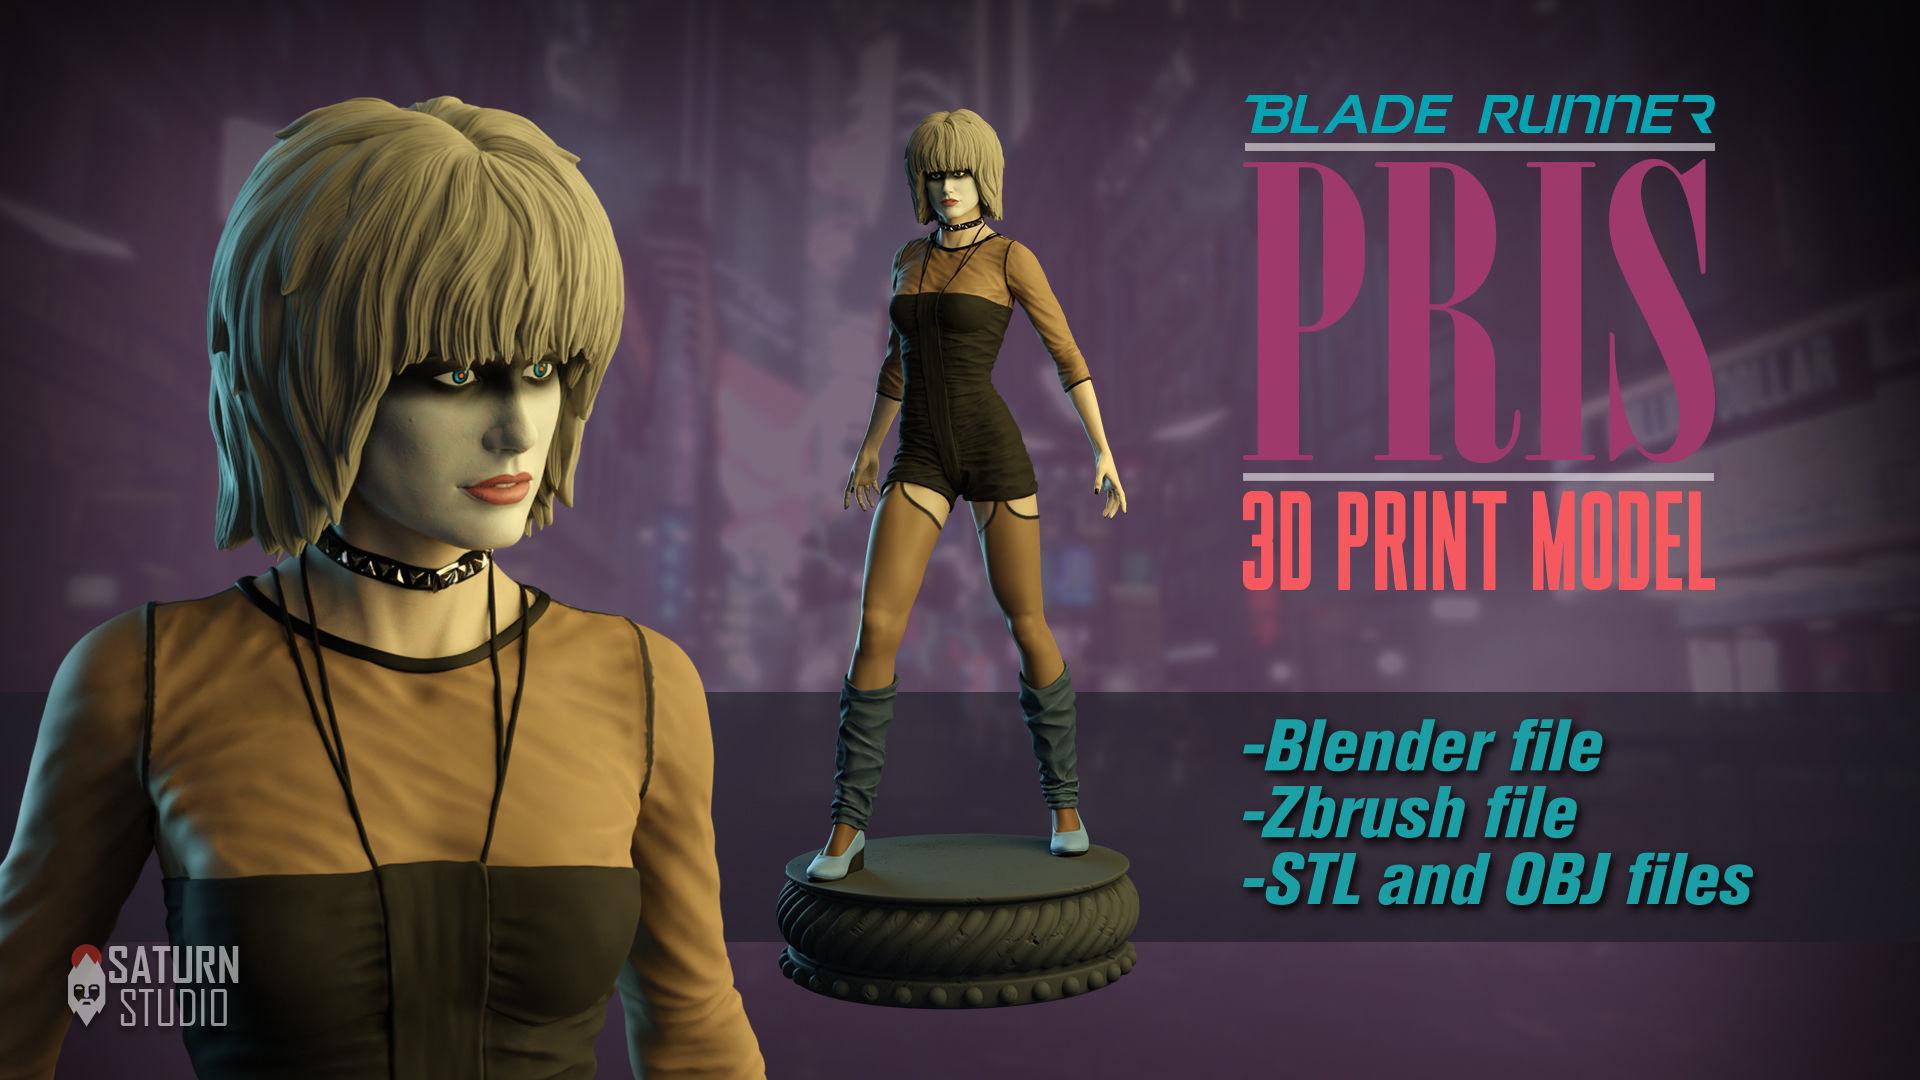 PRIS BLADE RUNNER 3D PRINT MODEL